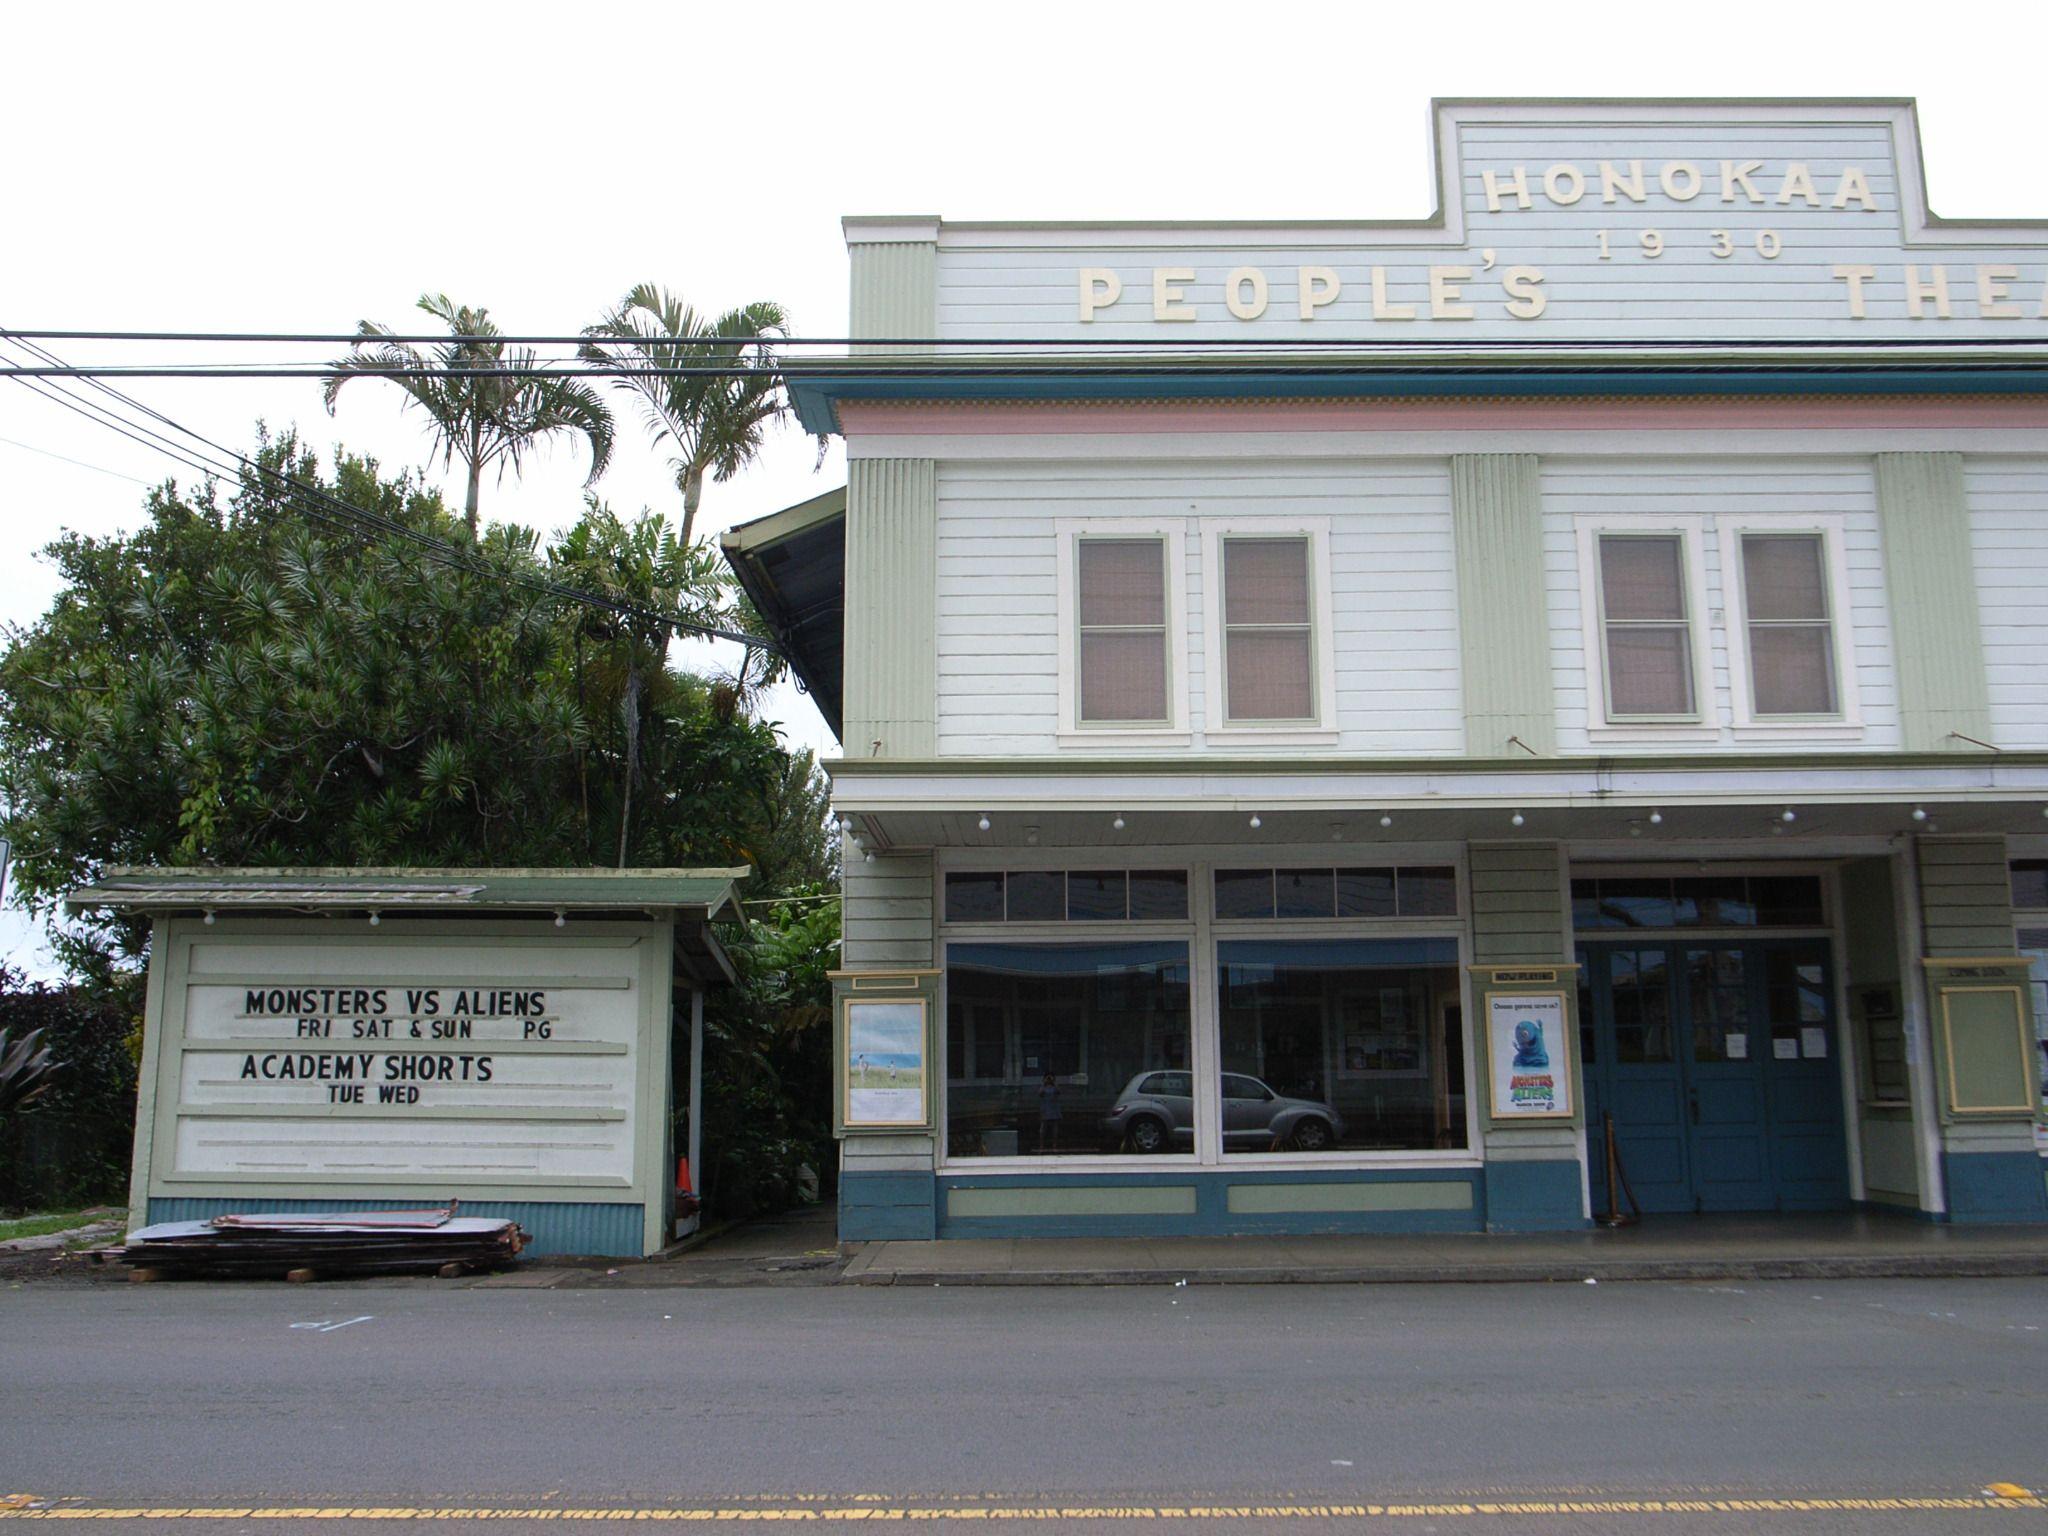 ハワイ島のホノカアにある映画館。「ホノカア・ボーイ」にも出てくるよ!